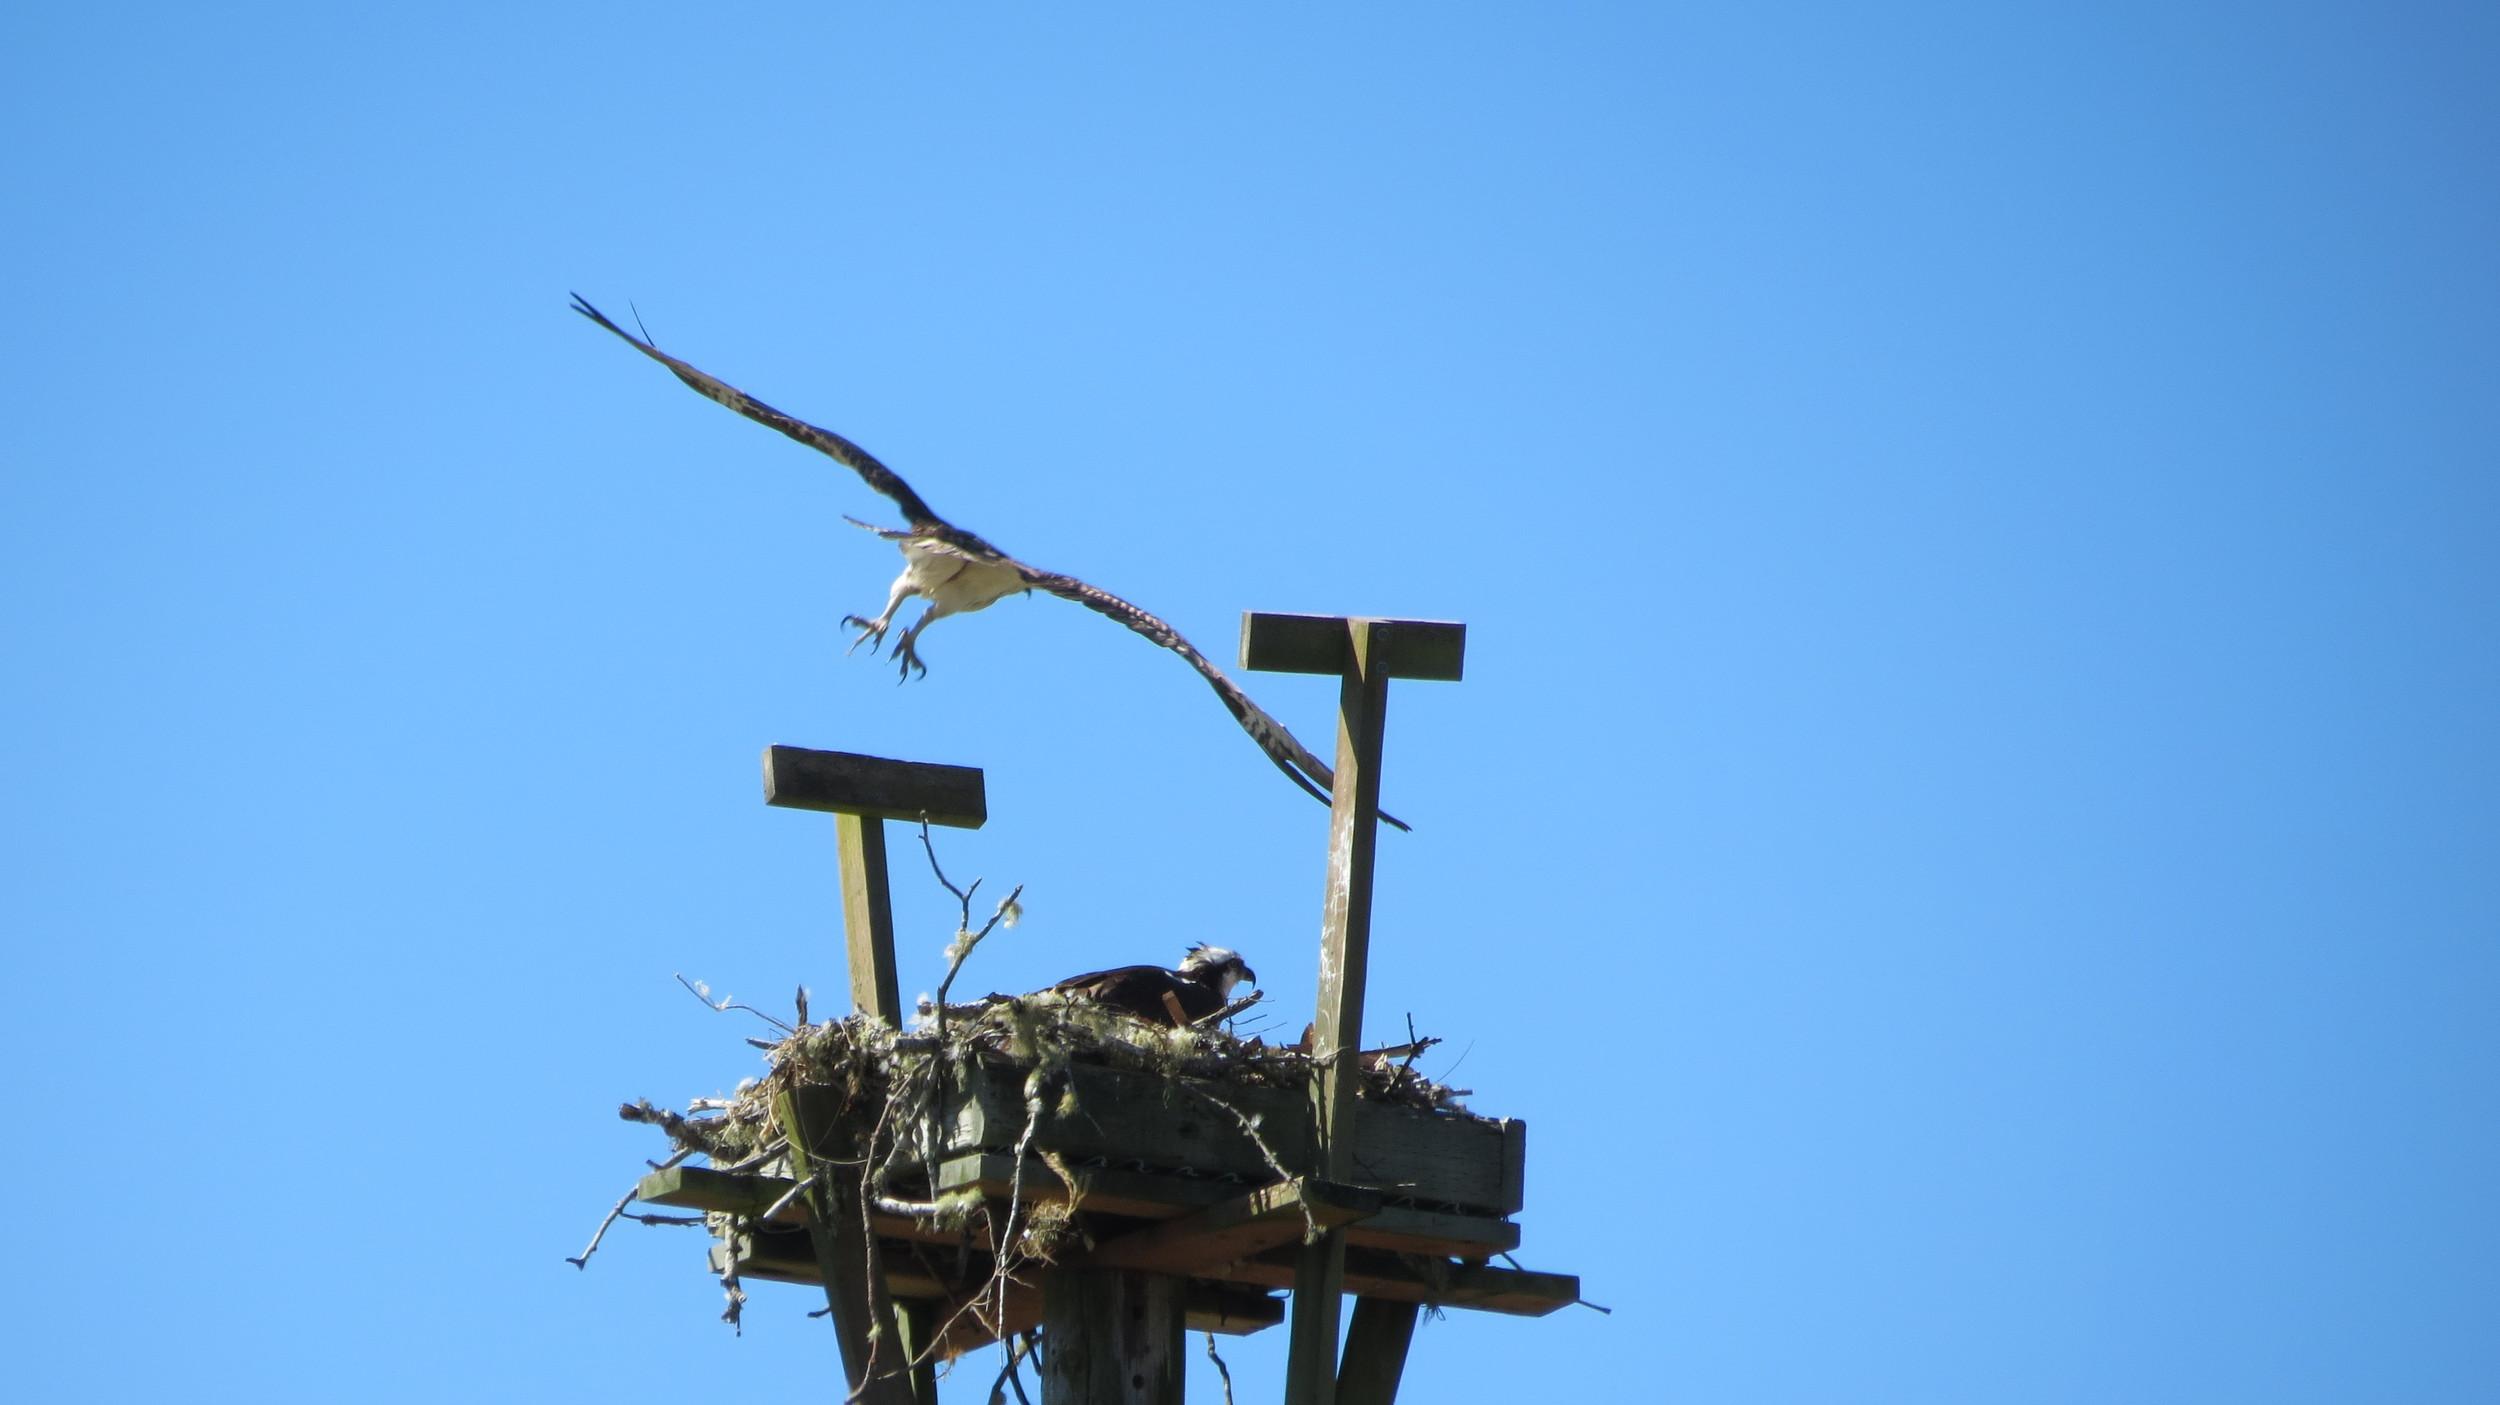 Osprey couple on nest